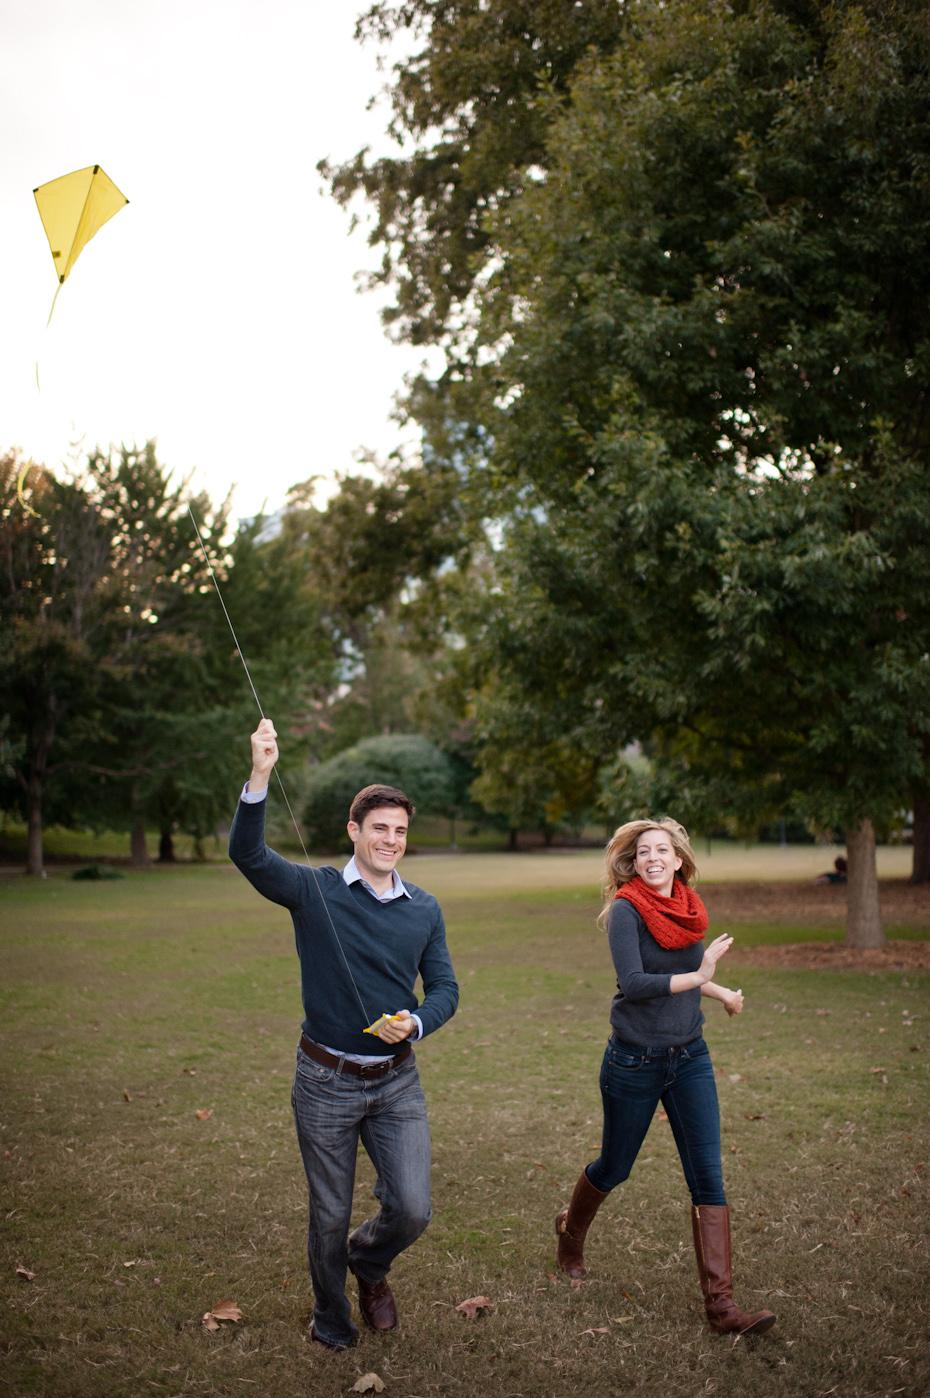 Kite Flying engagement session